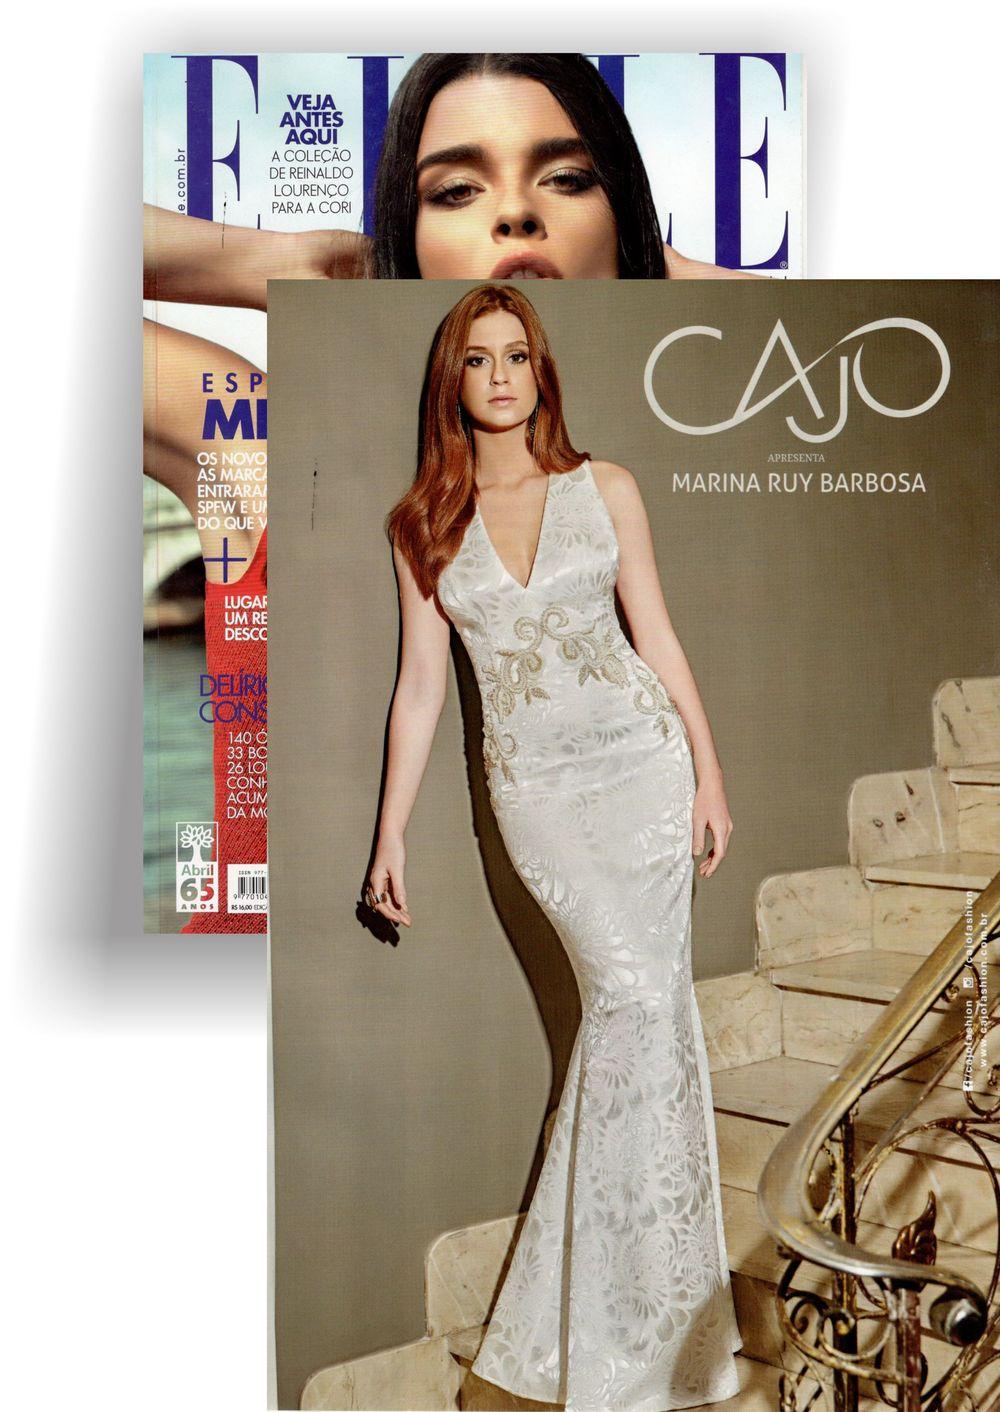 Cajo - Revista Elle - Edição especial Minas - Agosto de 2015 - 2.jpg